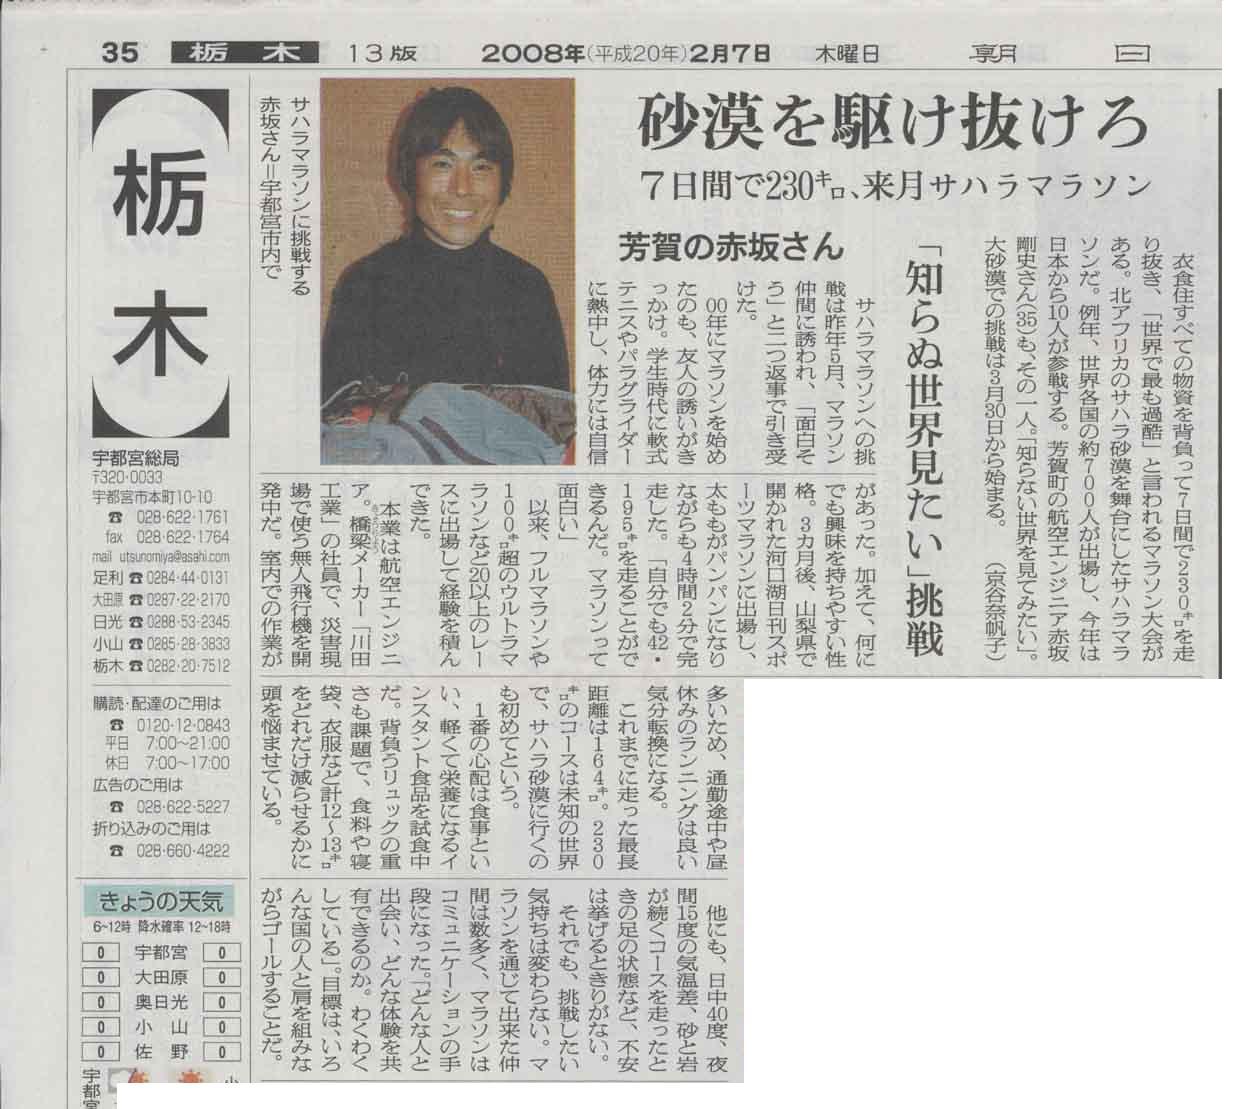 朝日新聞栃木